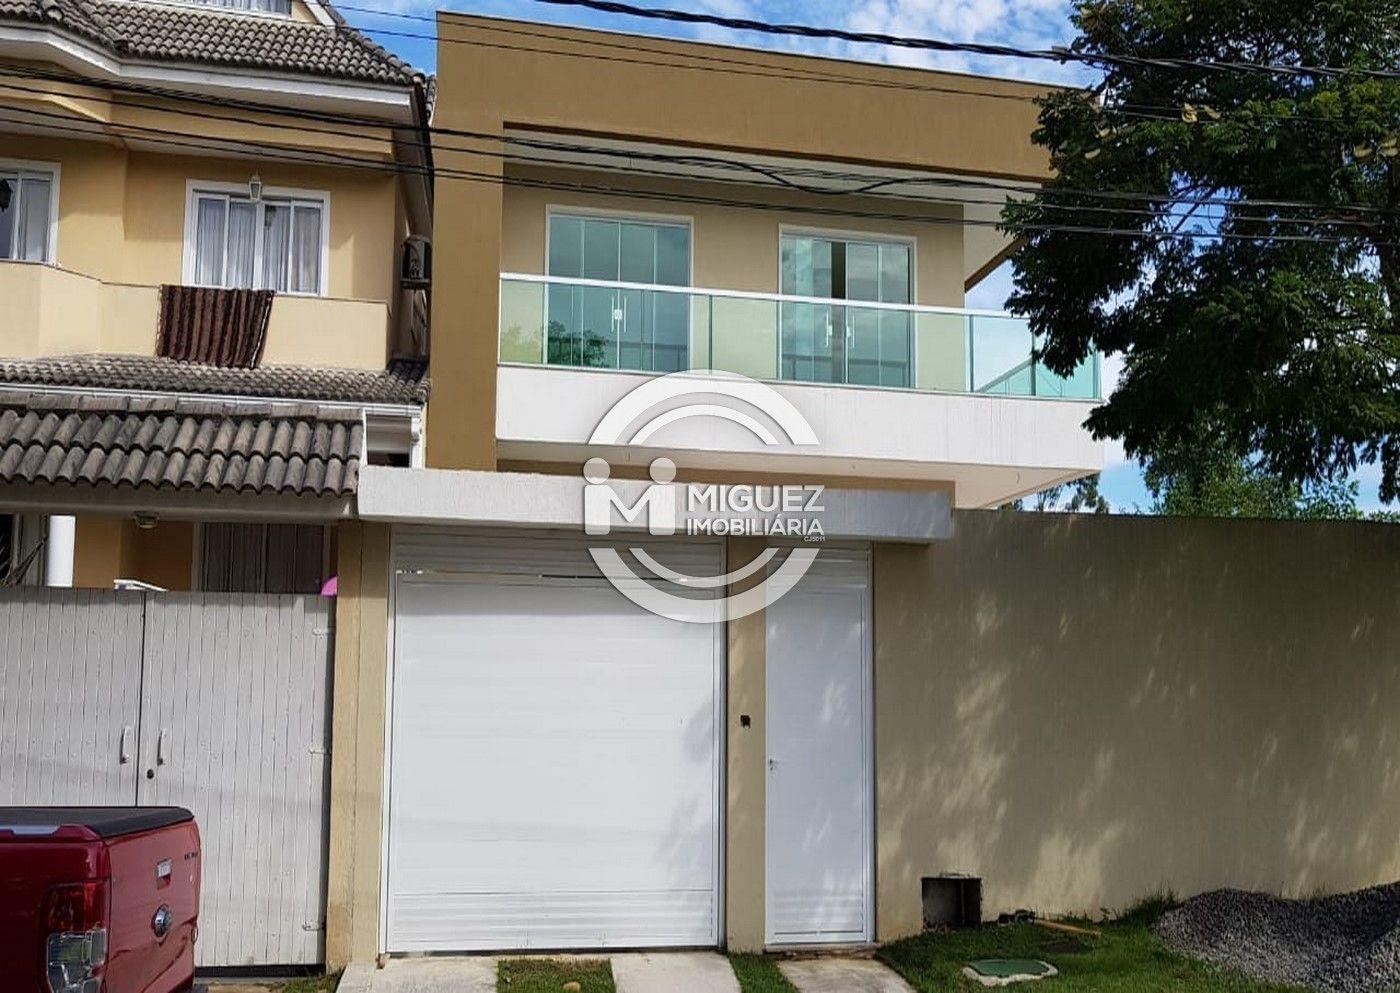 Casa, venda, Caminho da Ilha - Recreio dos Bandeirantes , Rio de janeiro